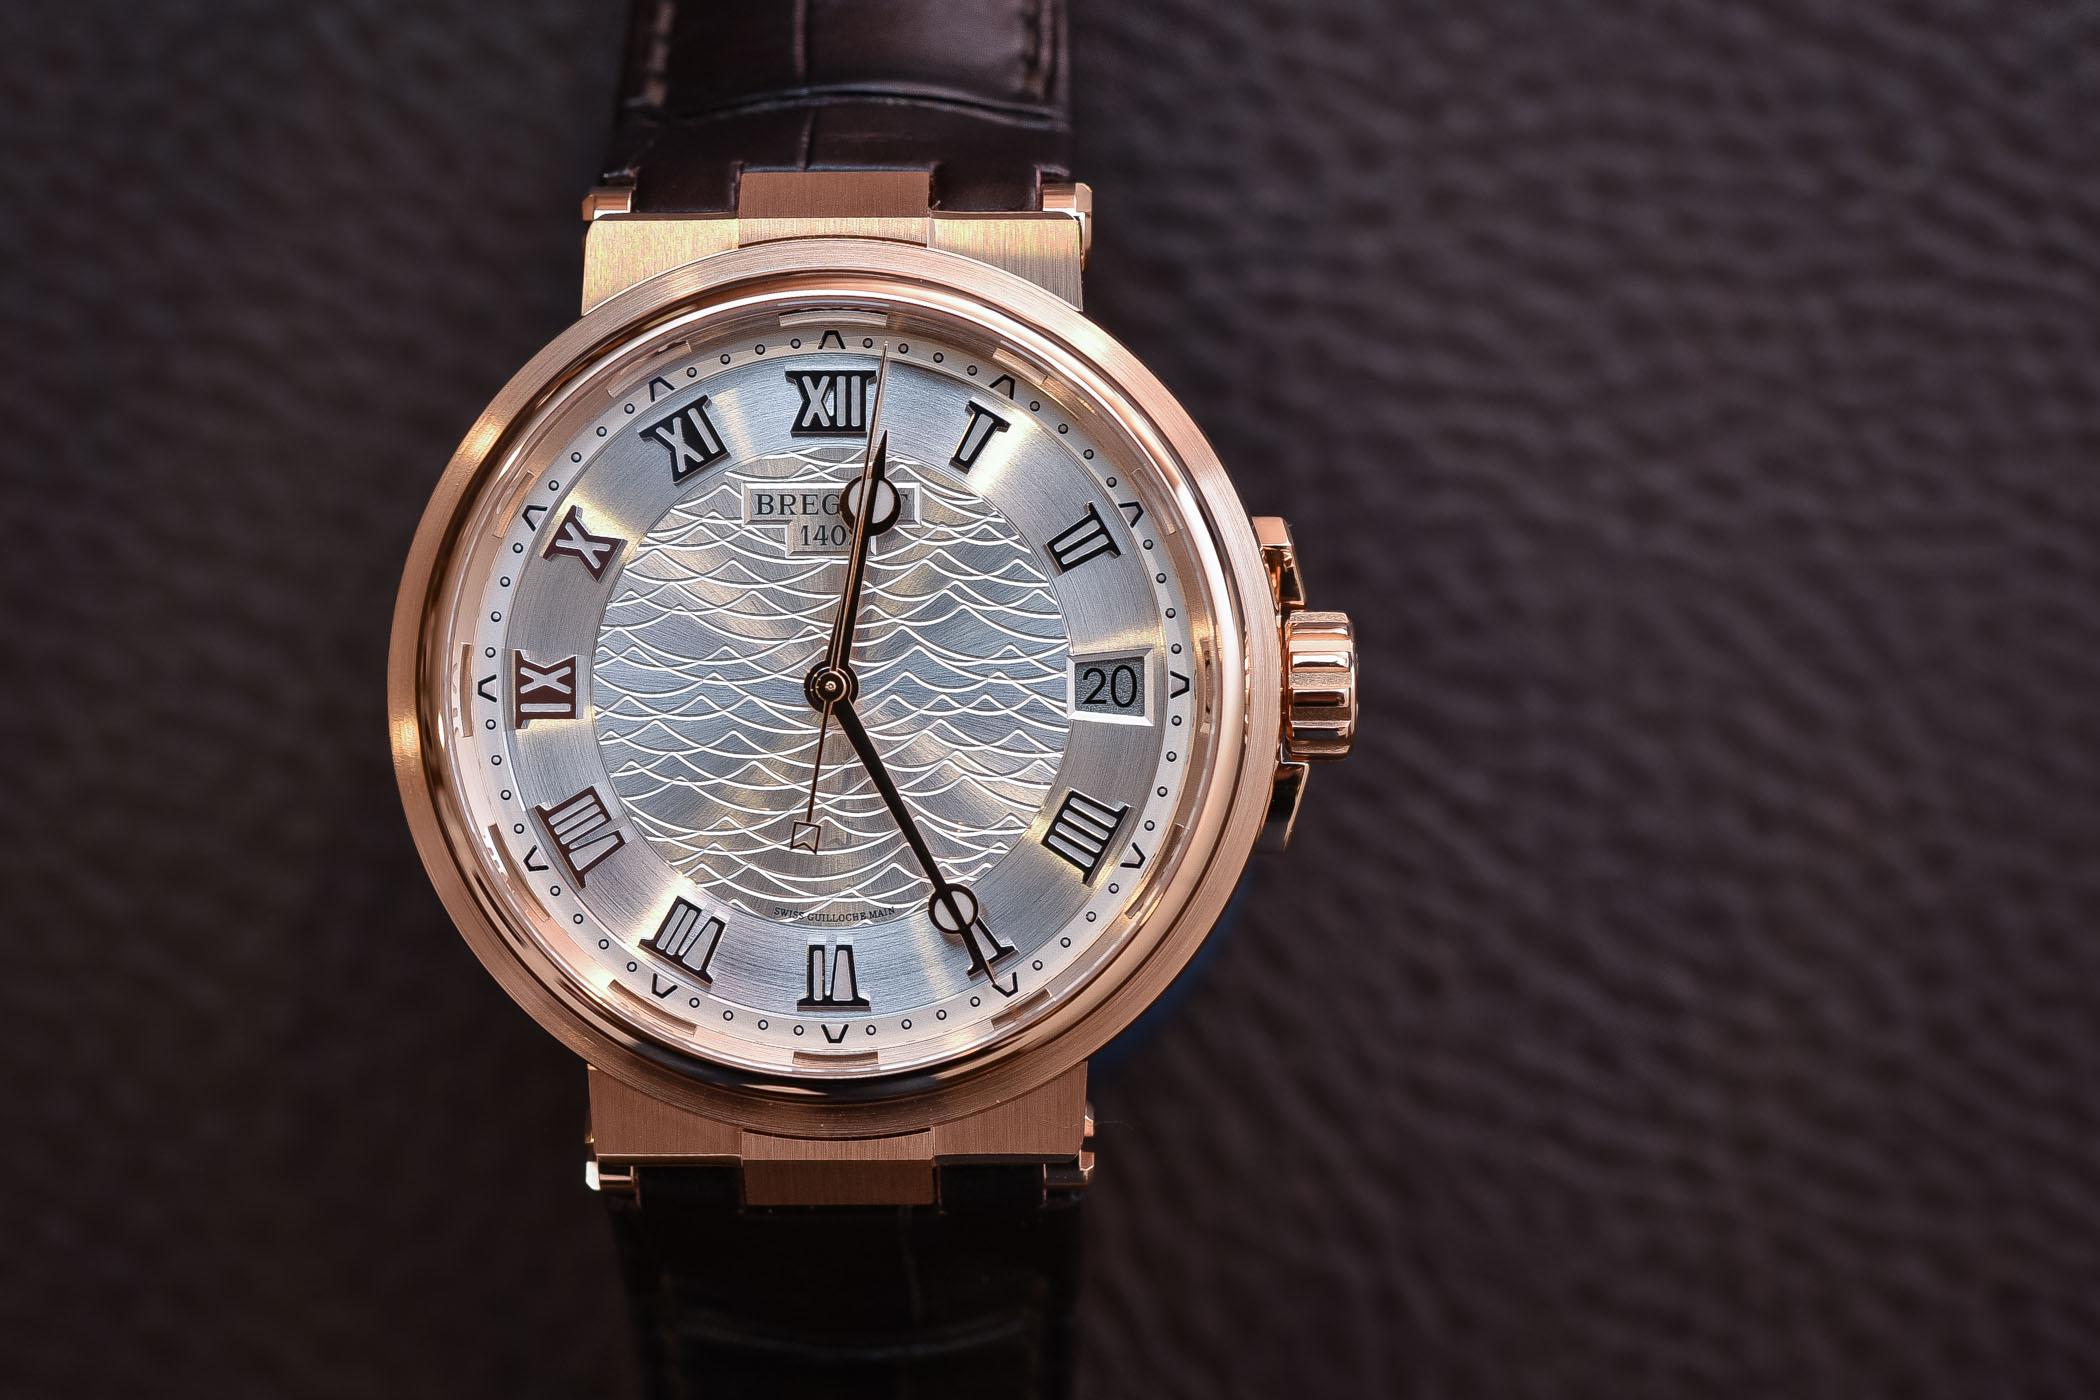 Thu mua đồng hồ cũ chính hãng Breguet